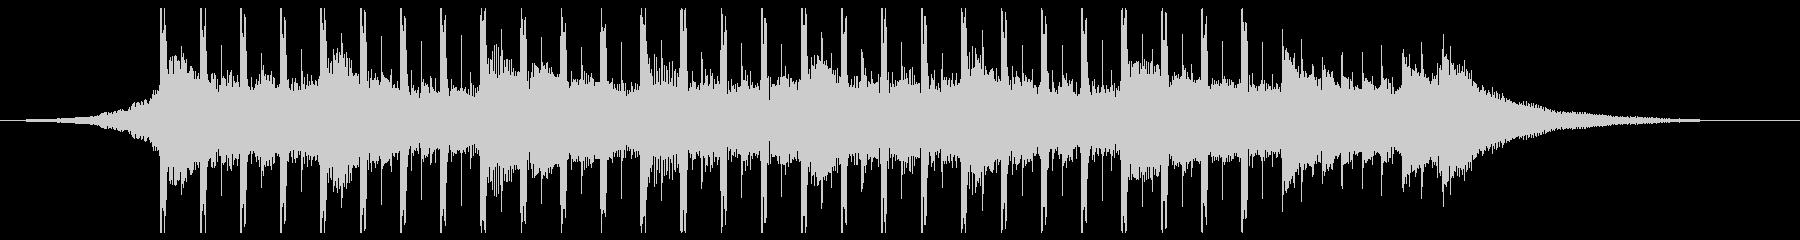 コーポレート・アップビート(ショート3)の未再生の波形